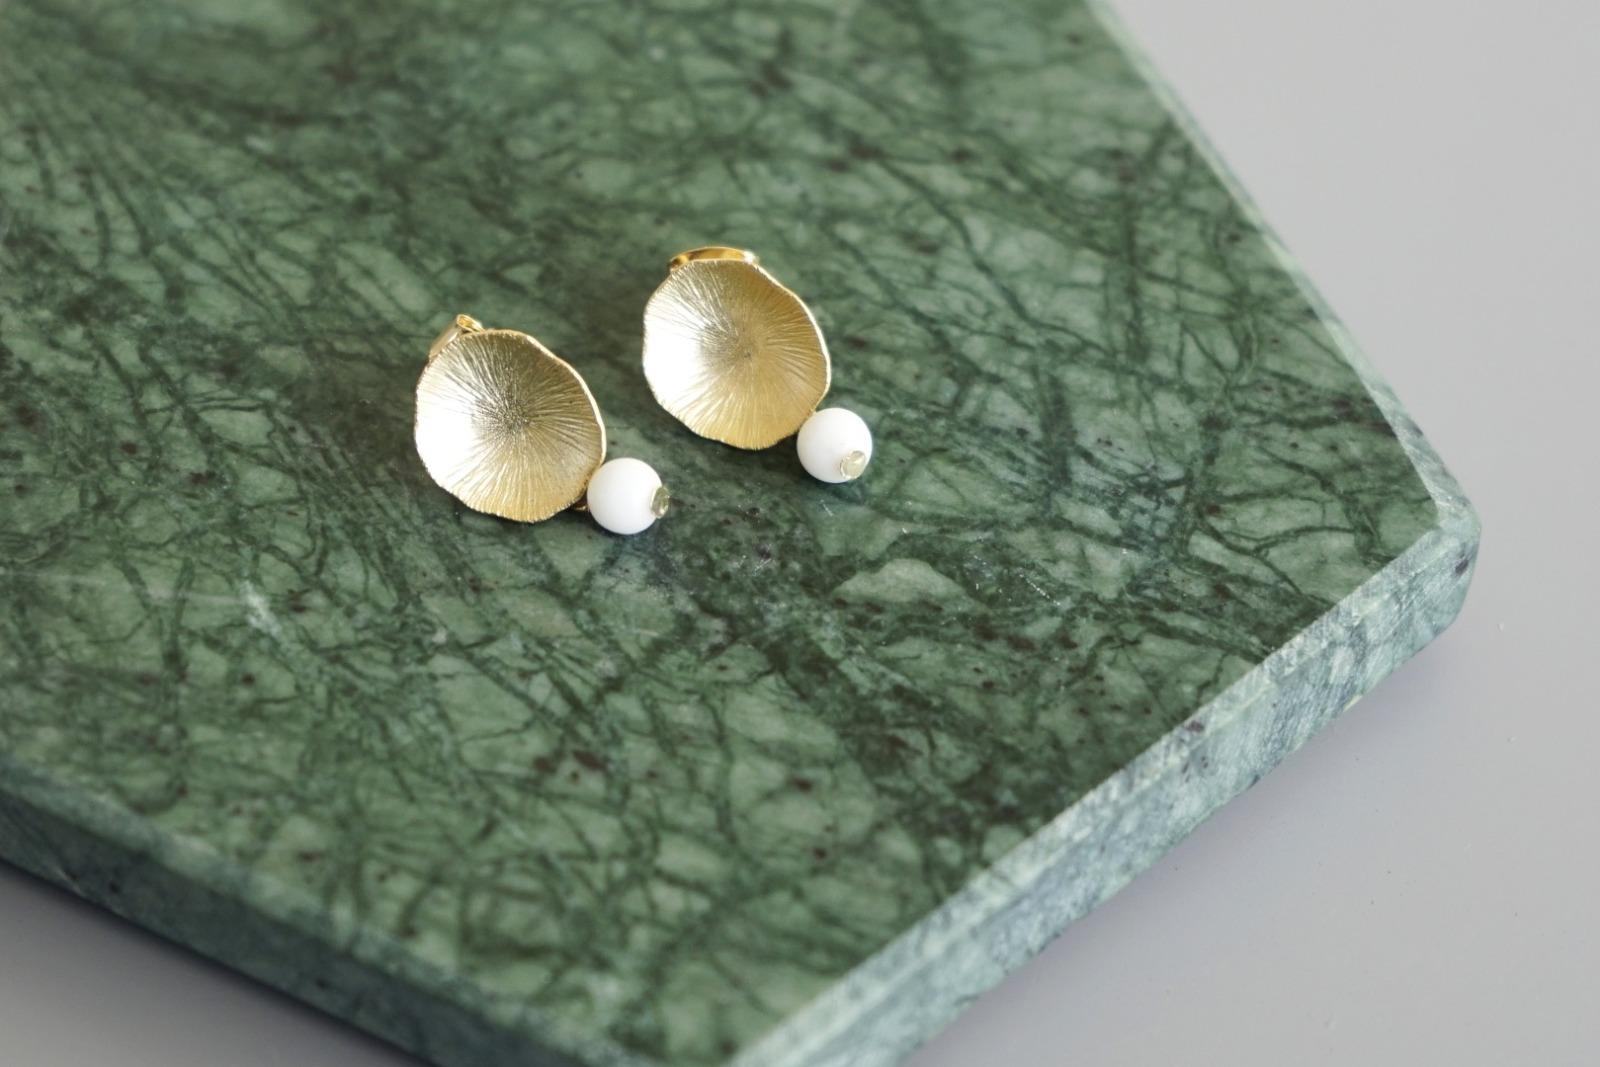 Ohrstecker Lotusblatt vergoldet mit Perle Jade weiß - 1